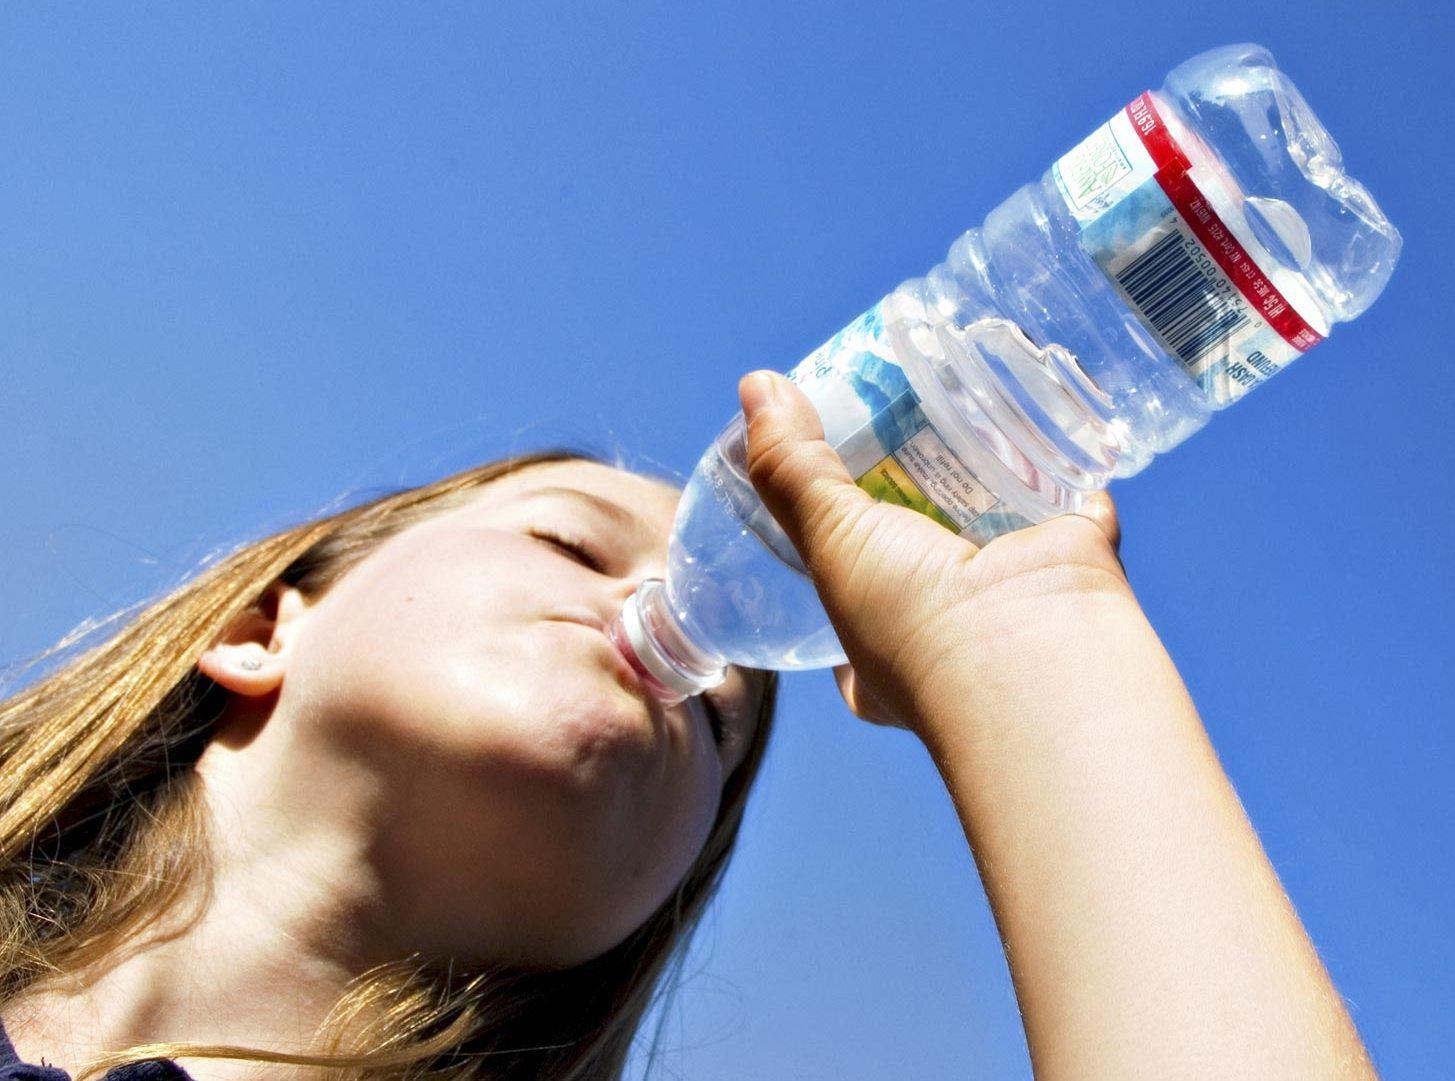 Cittadina americana mette al bando le bottiglie d'acqua in plastica